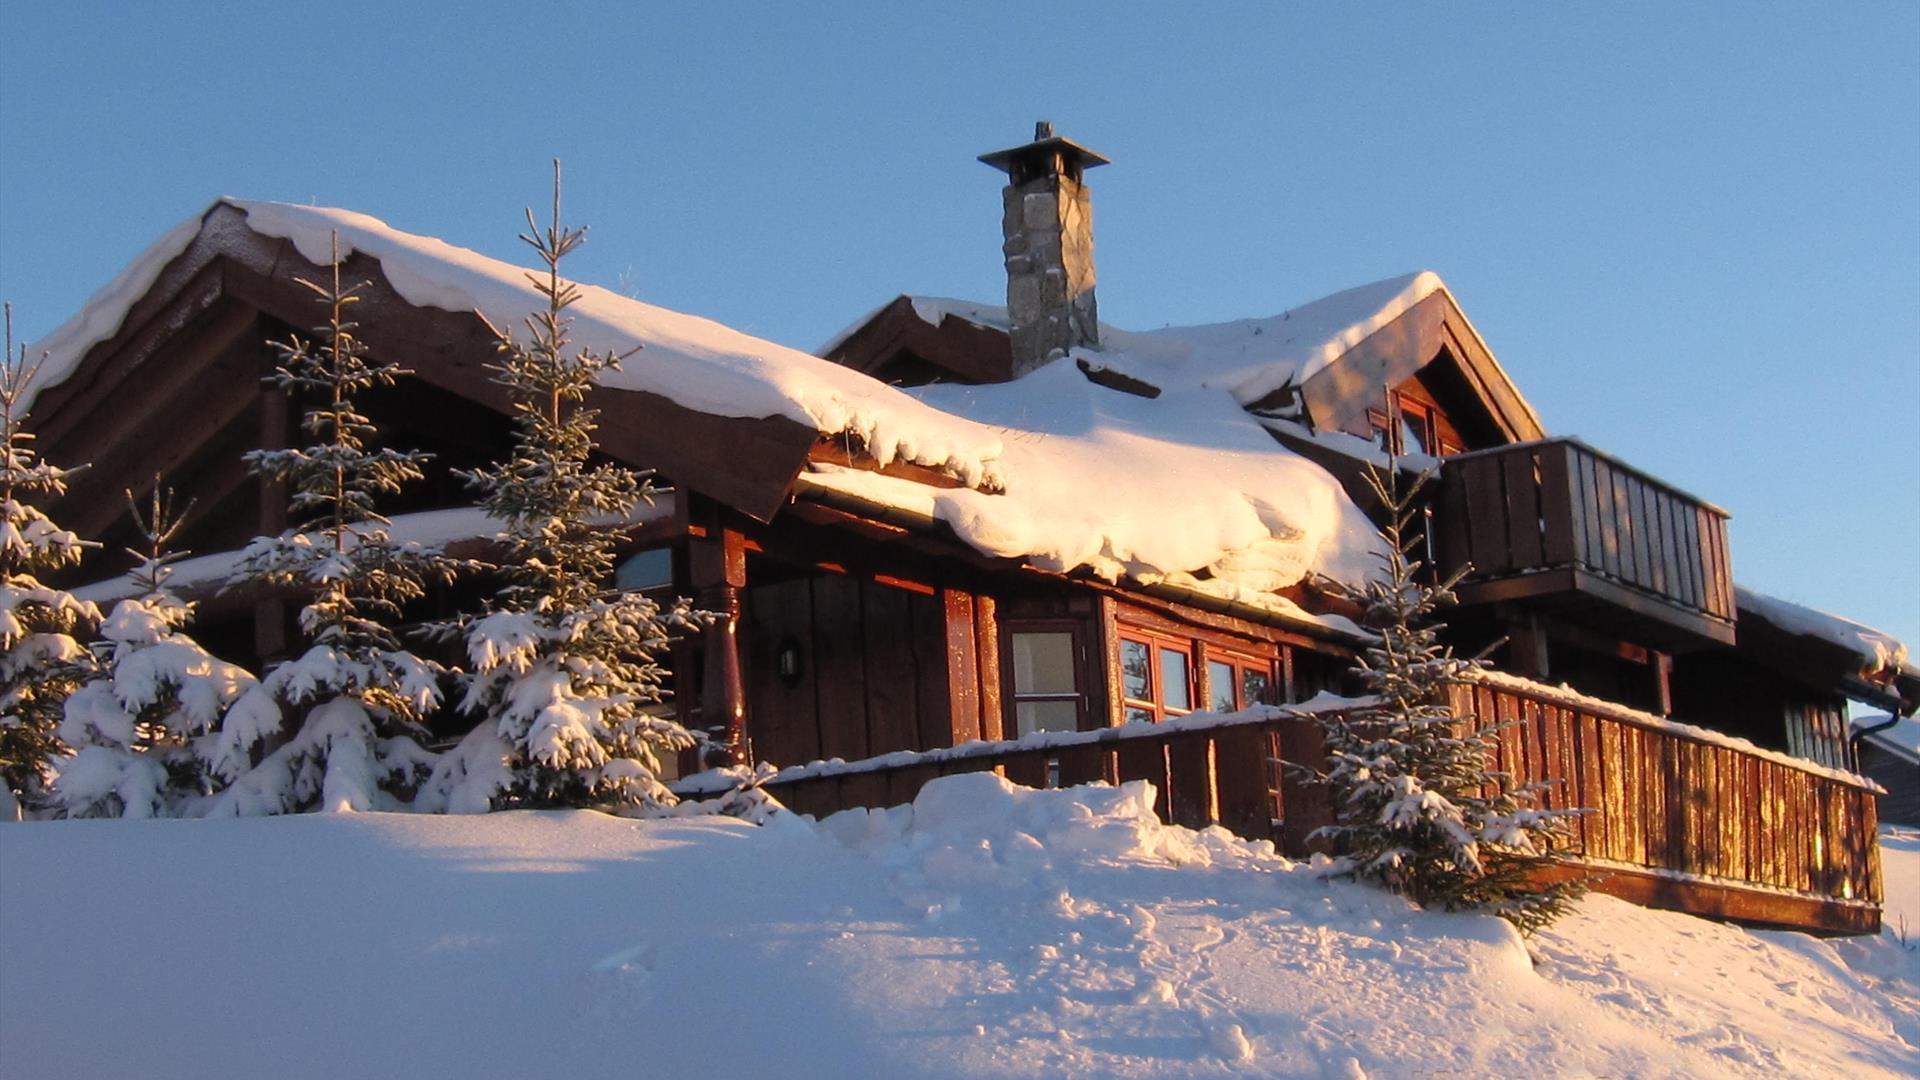 Hytter vinter, Norgesbooking